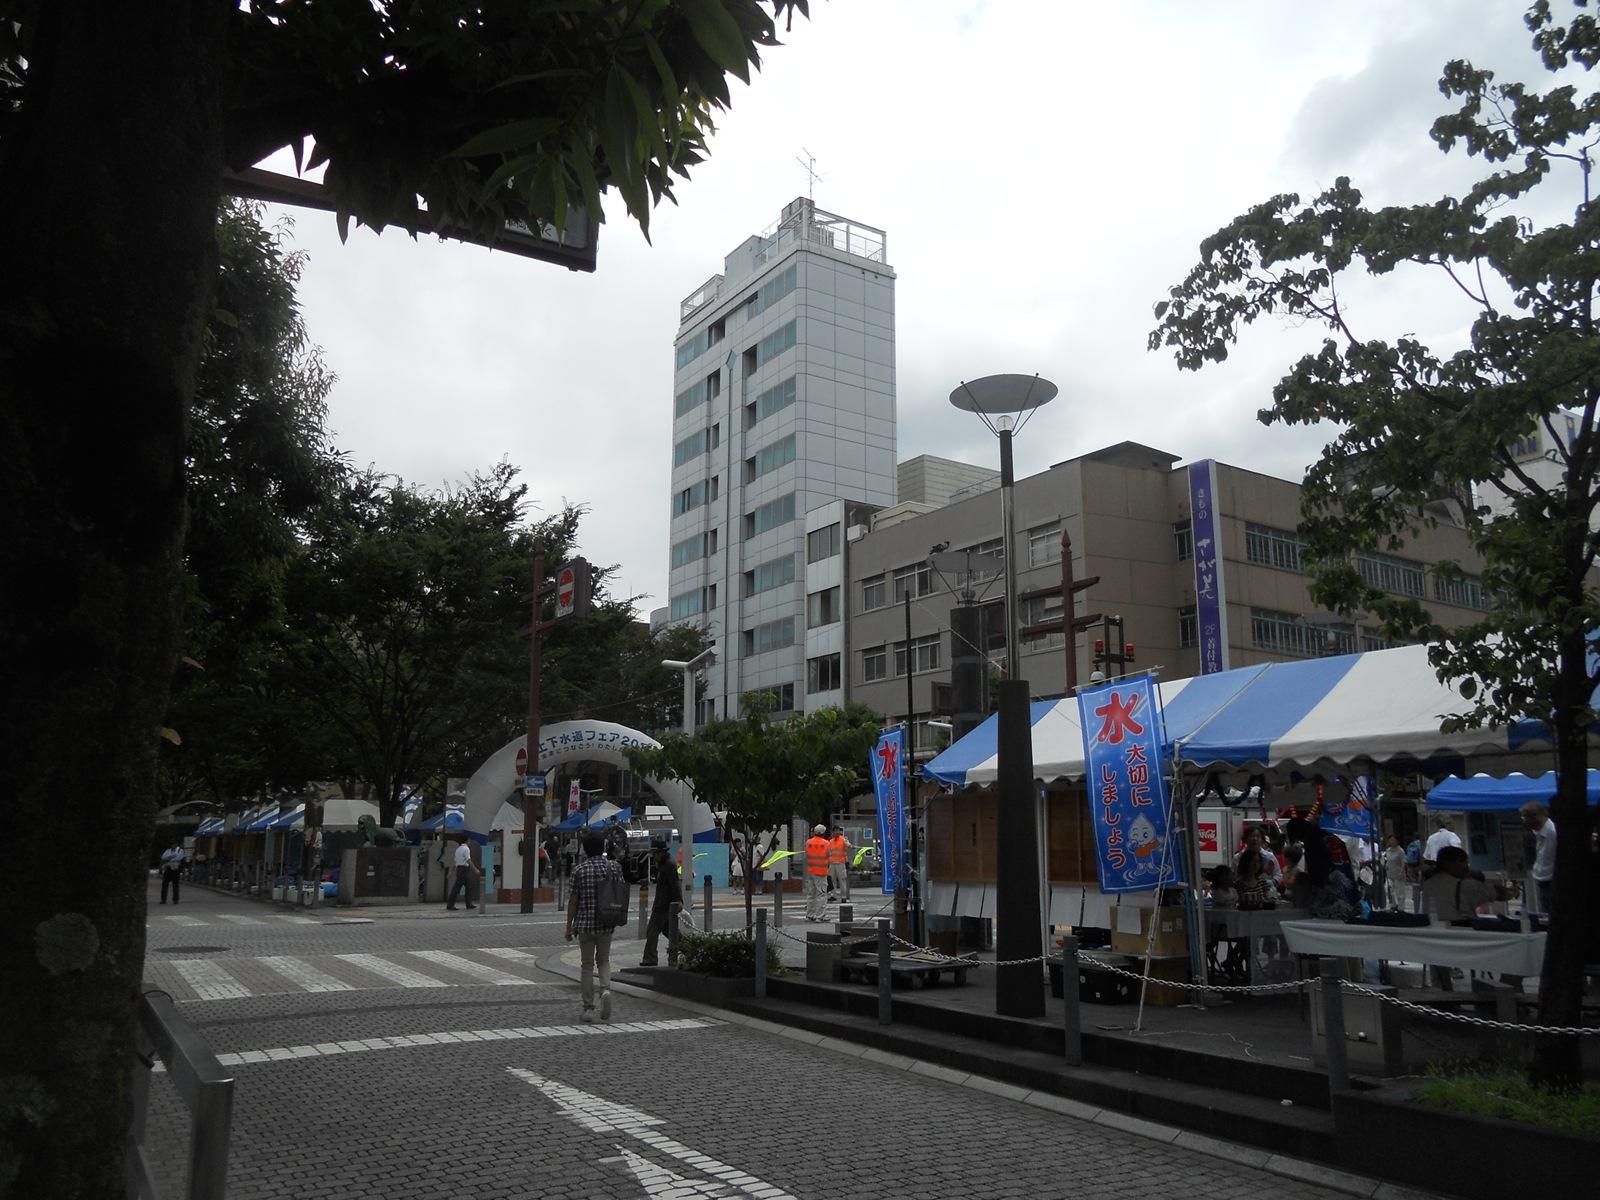 上下水道フェア2011:11.08.06